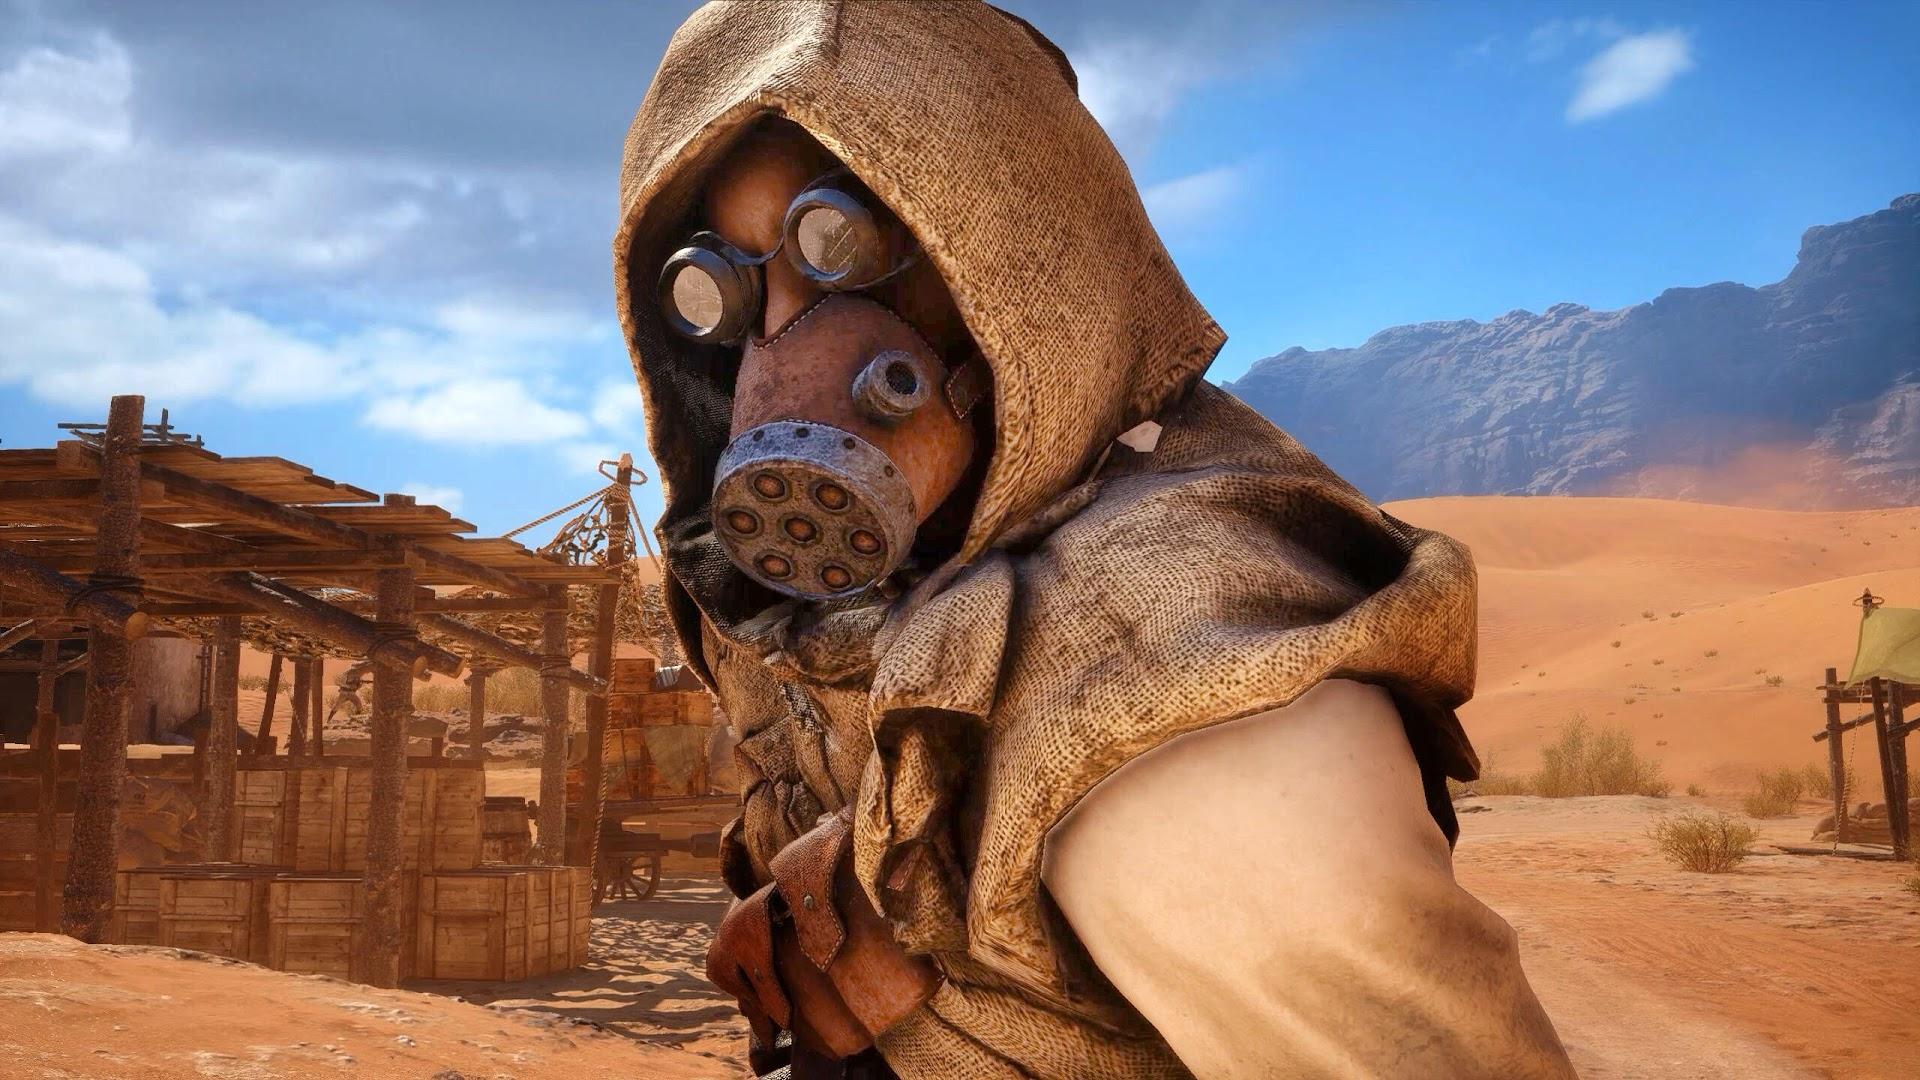 Продолжение игр с конусами или Маска Tank Hunter из Battlefield 1